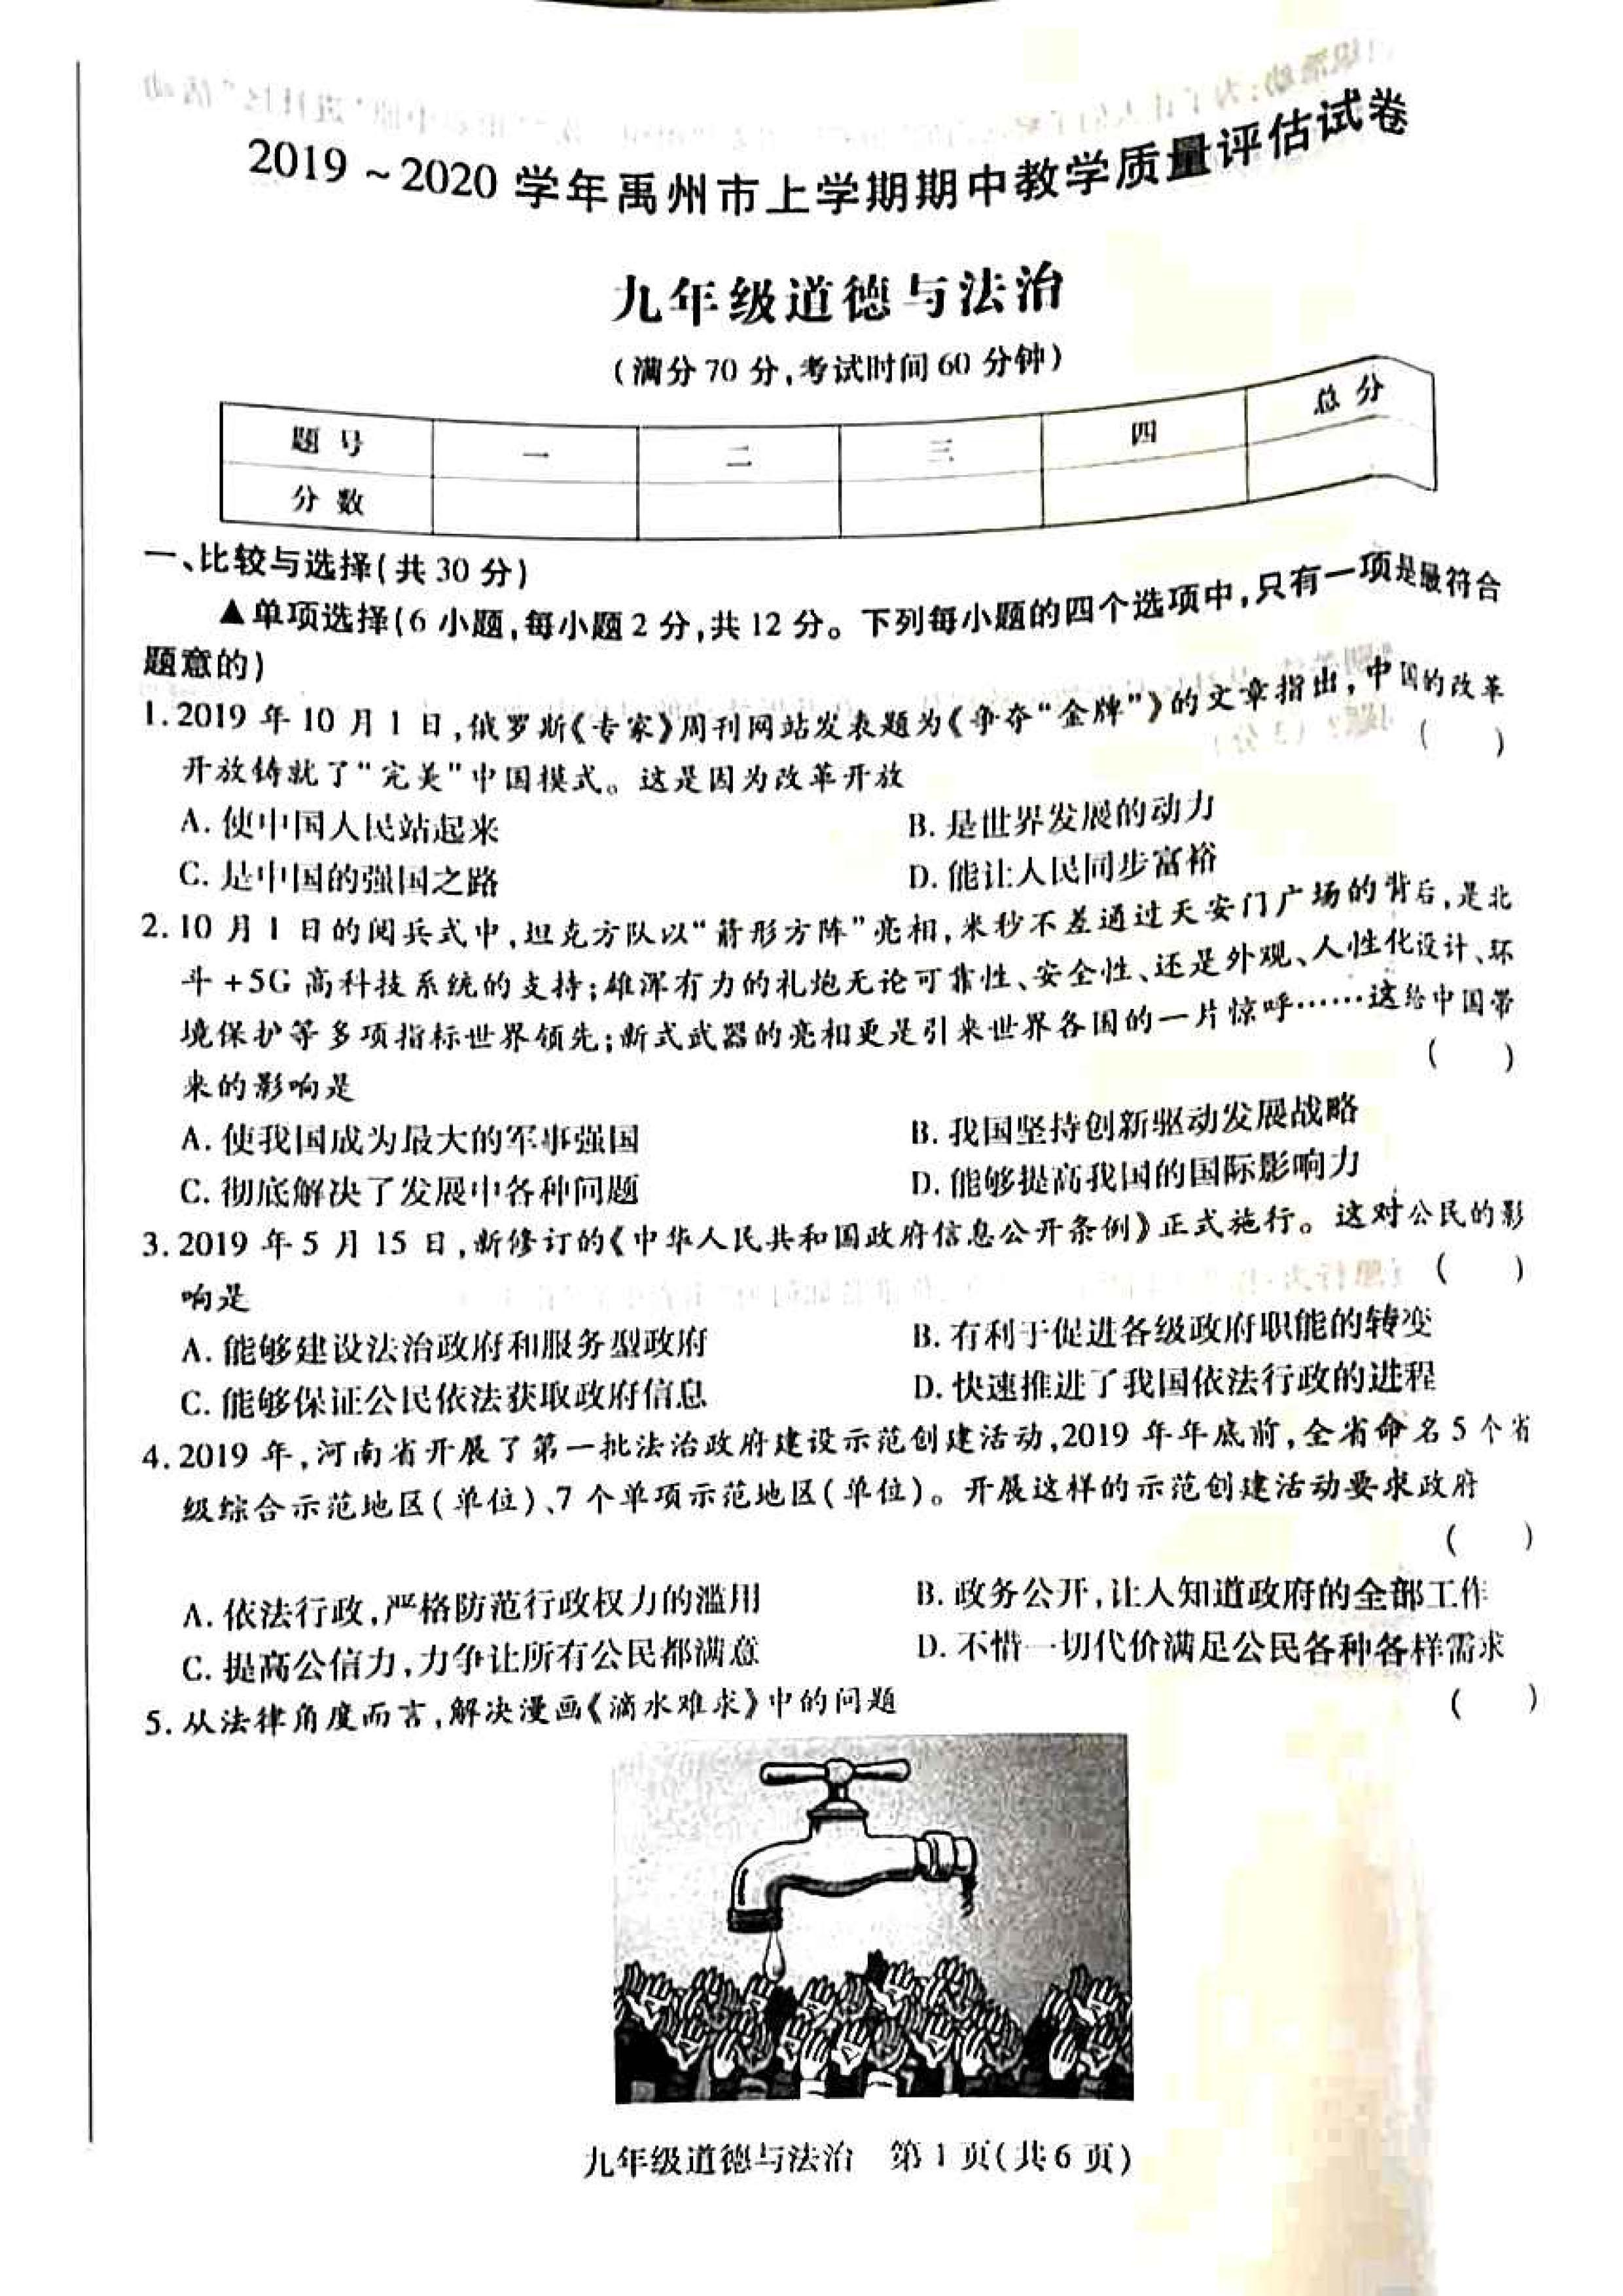 2019-2020河南许昌初三期中道德与法治模拟试题及答案(PDF下载版)